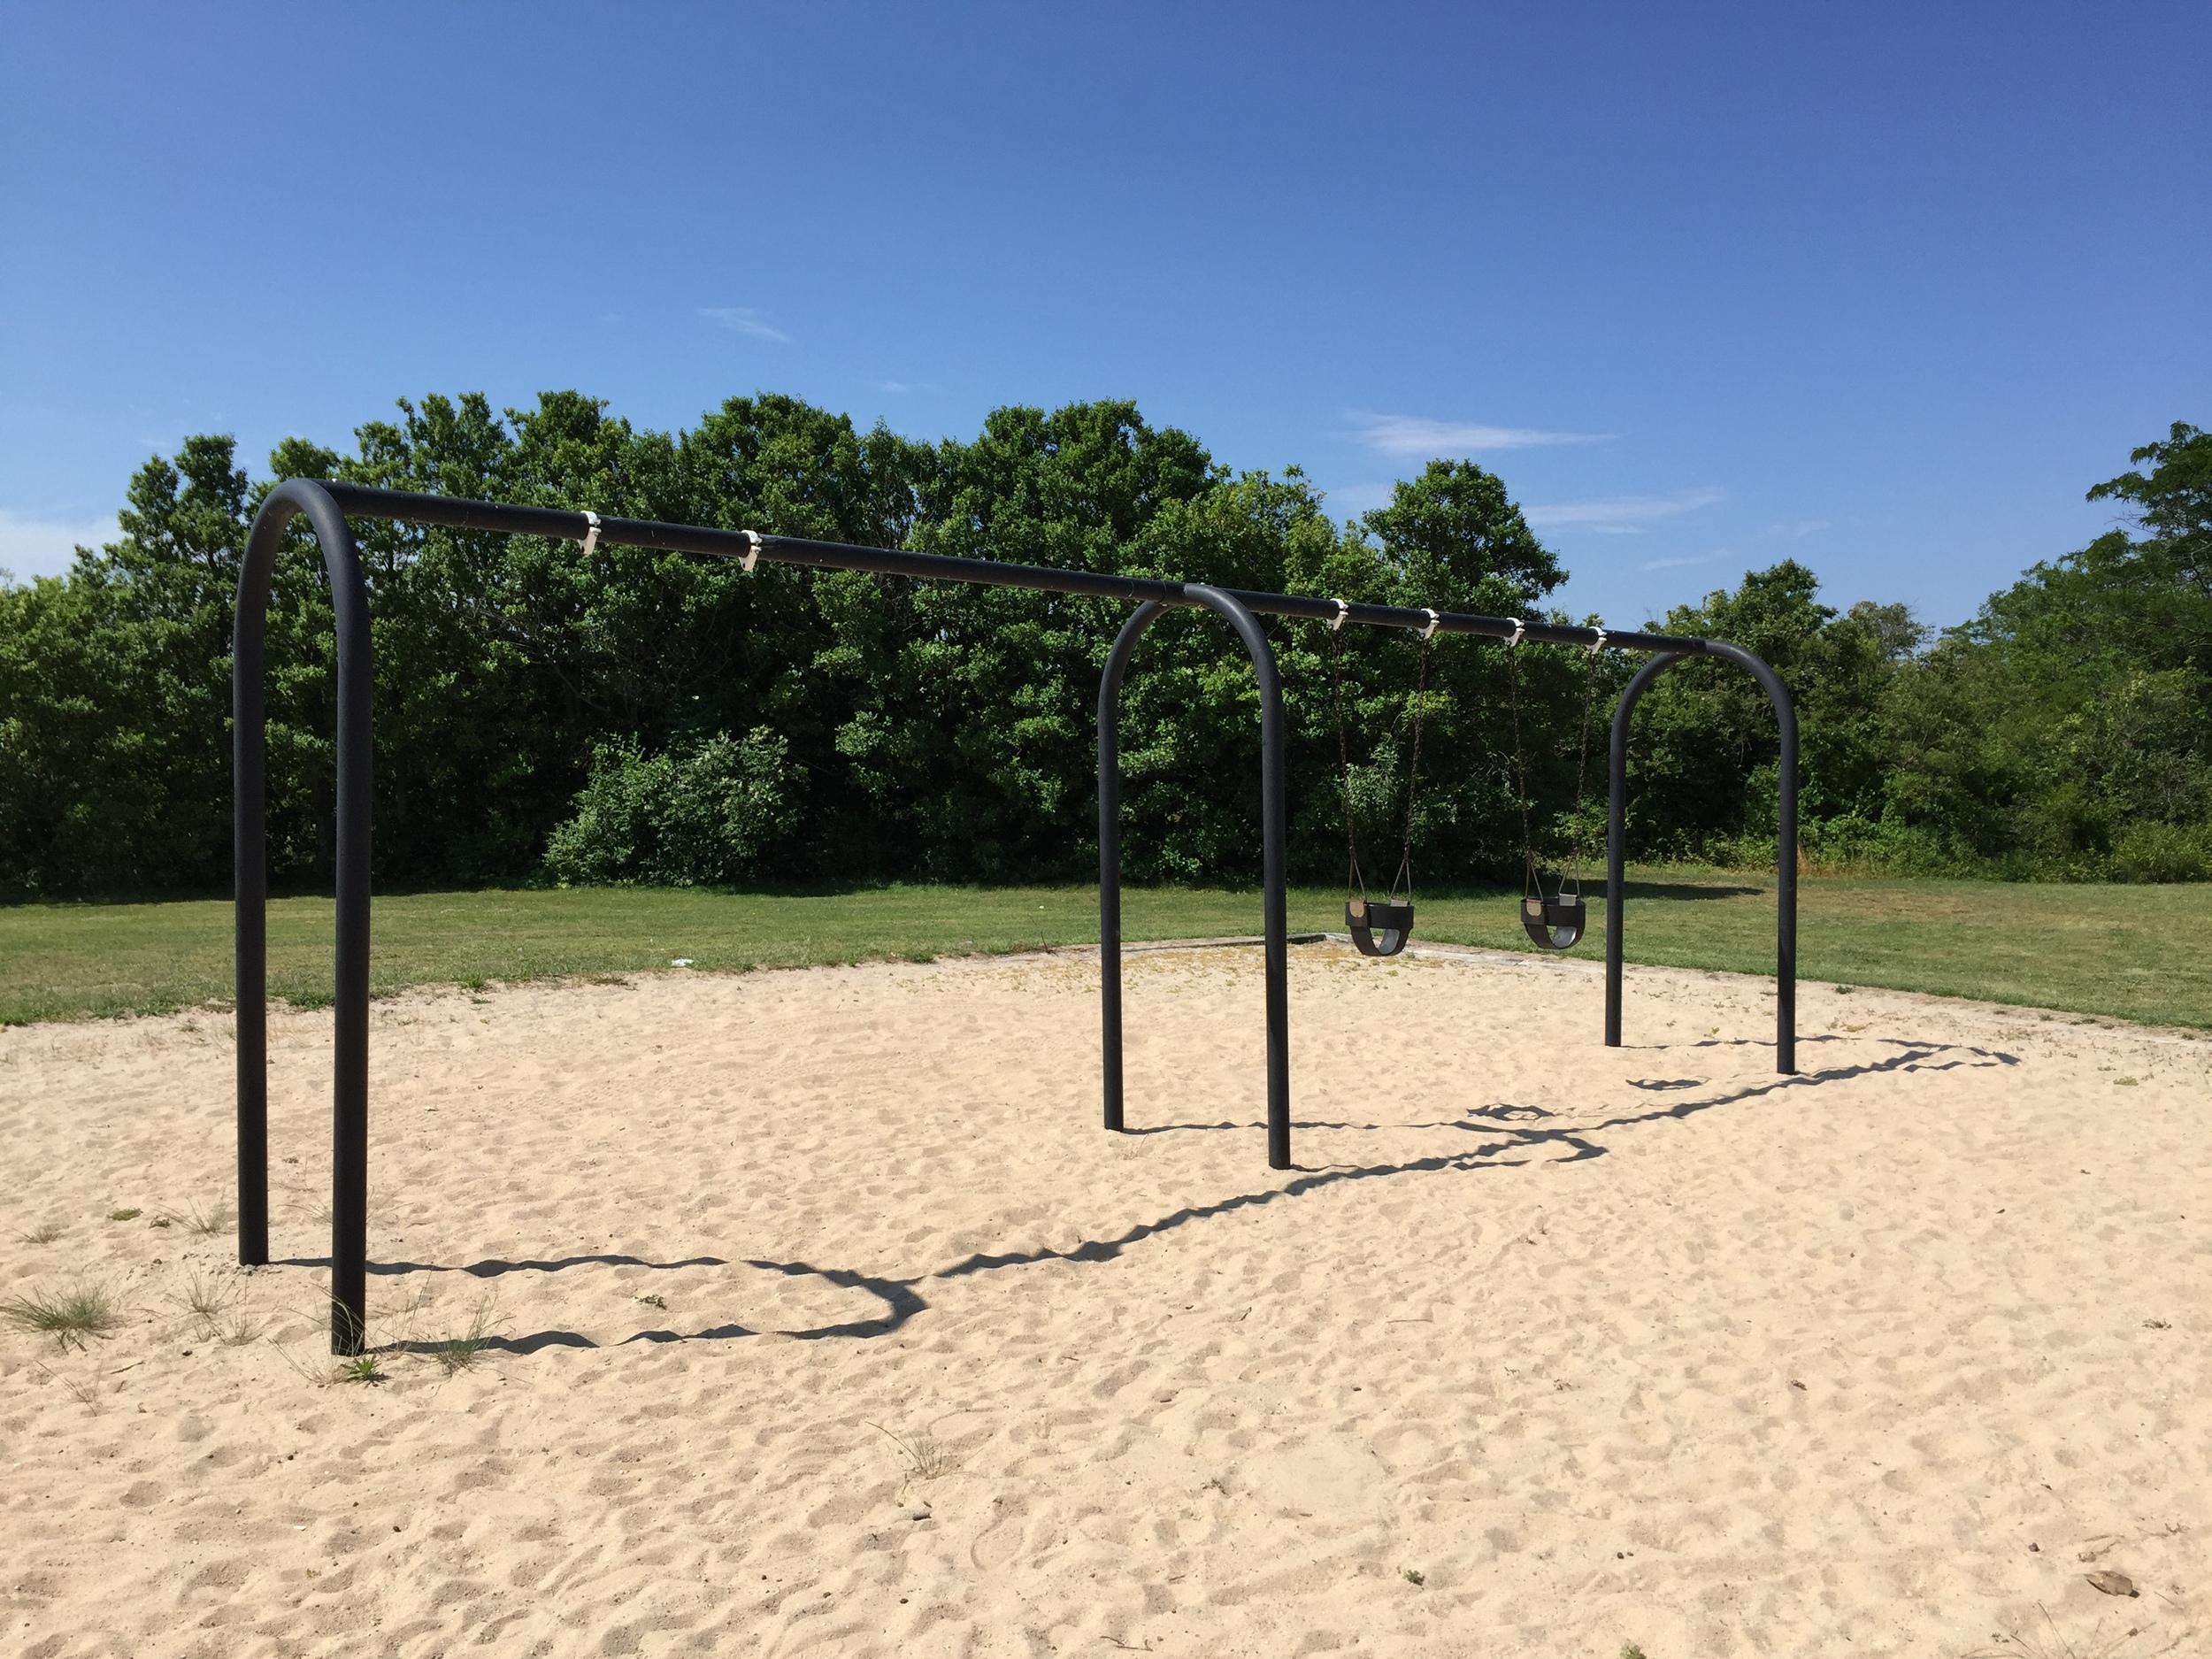 Swings at Cow Meadow Park